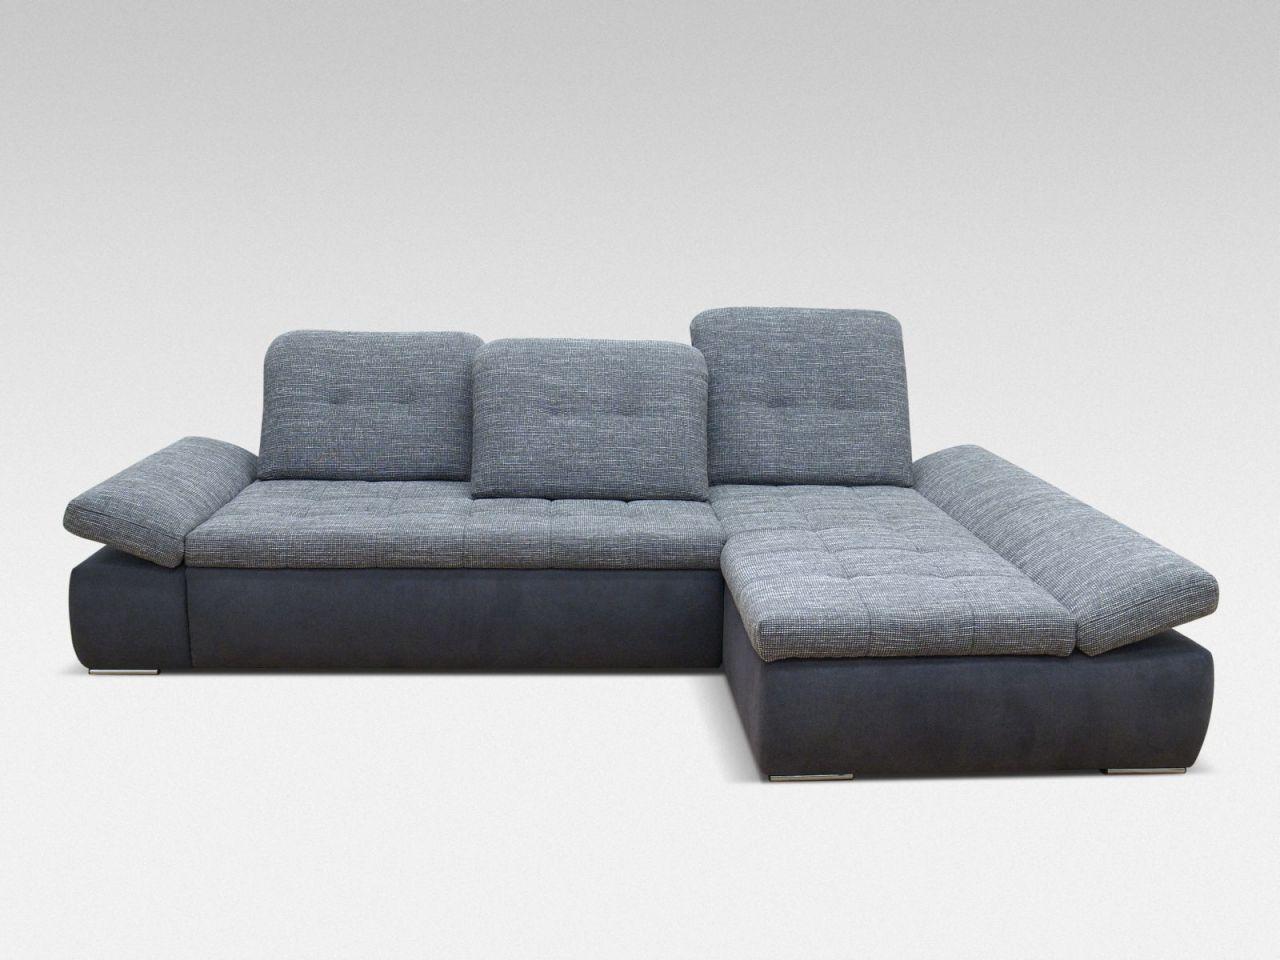 ecksofa armlehnen r cken bett funktionen sitztiefenverstellung polstergarnitur 3 farben do. Black Bedroom Furniture Sets. Home Design Ideas